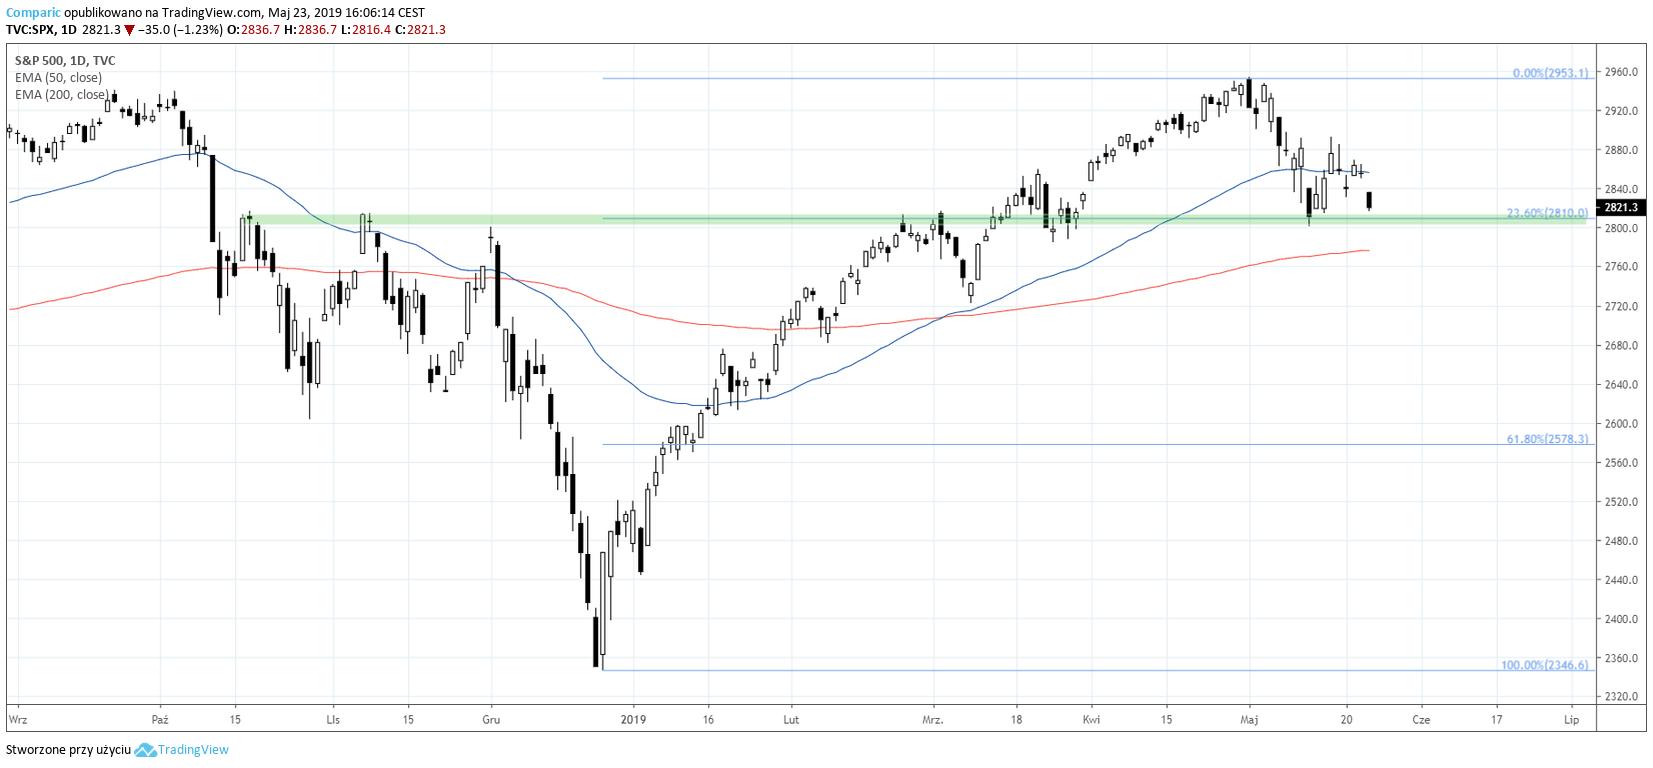 Indeks S&P500 na wykresie dziennym